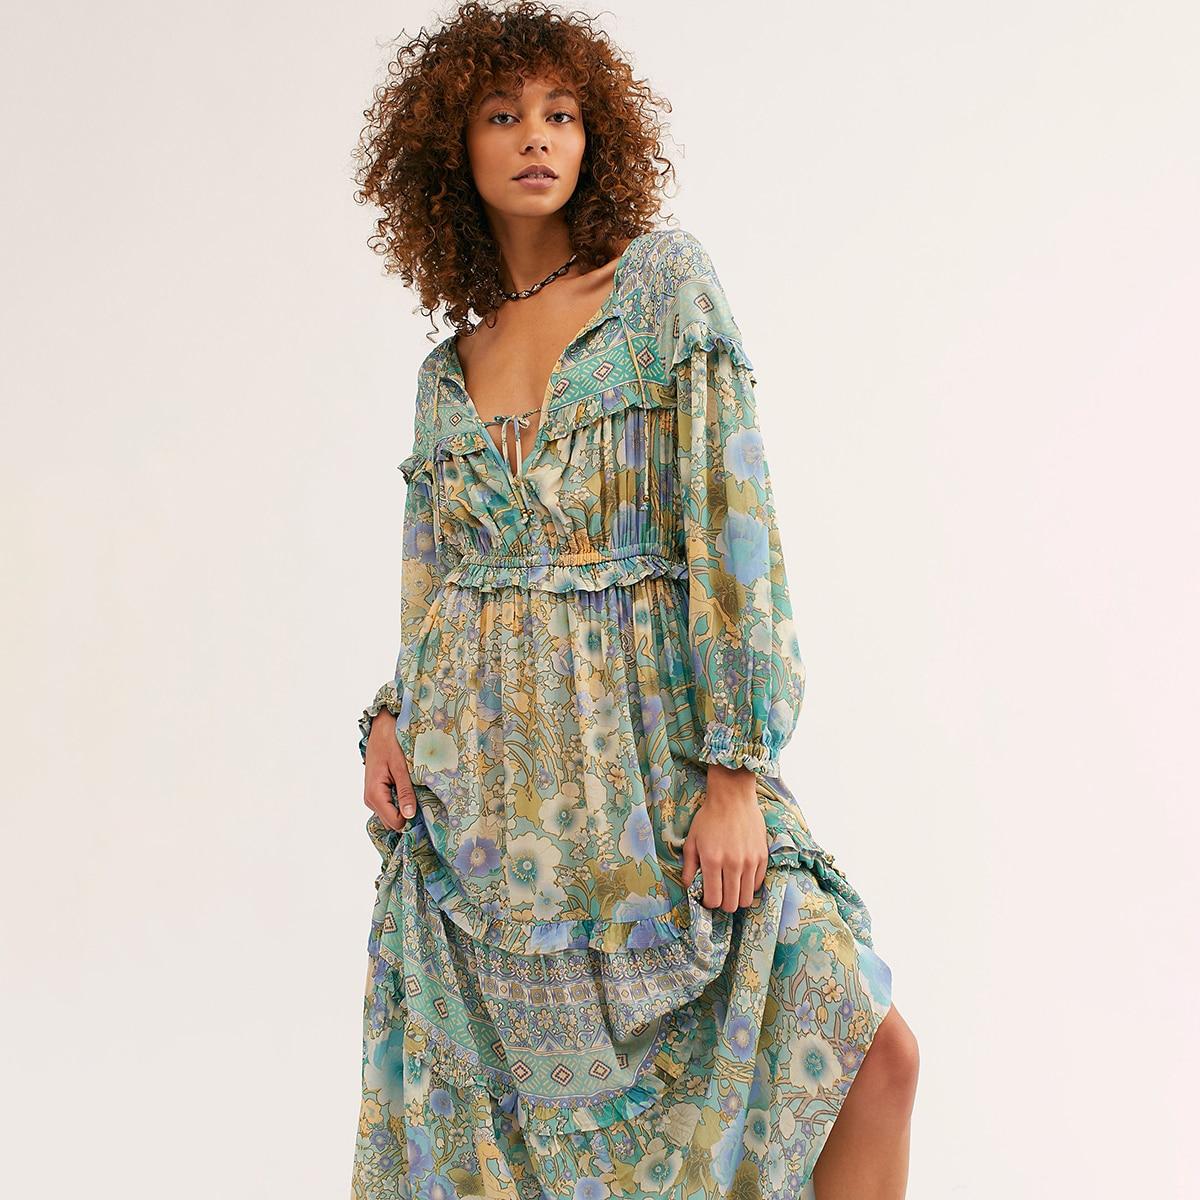 Jastie à volants garniture Boho robe gitane imprimé Floral robes de plage v-cou à manches longues femmes robe améthyste robe d'été robes 2019